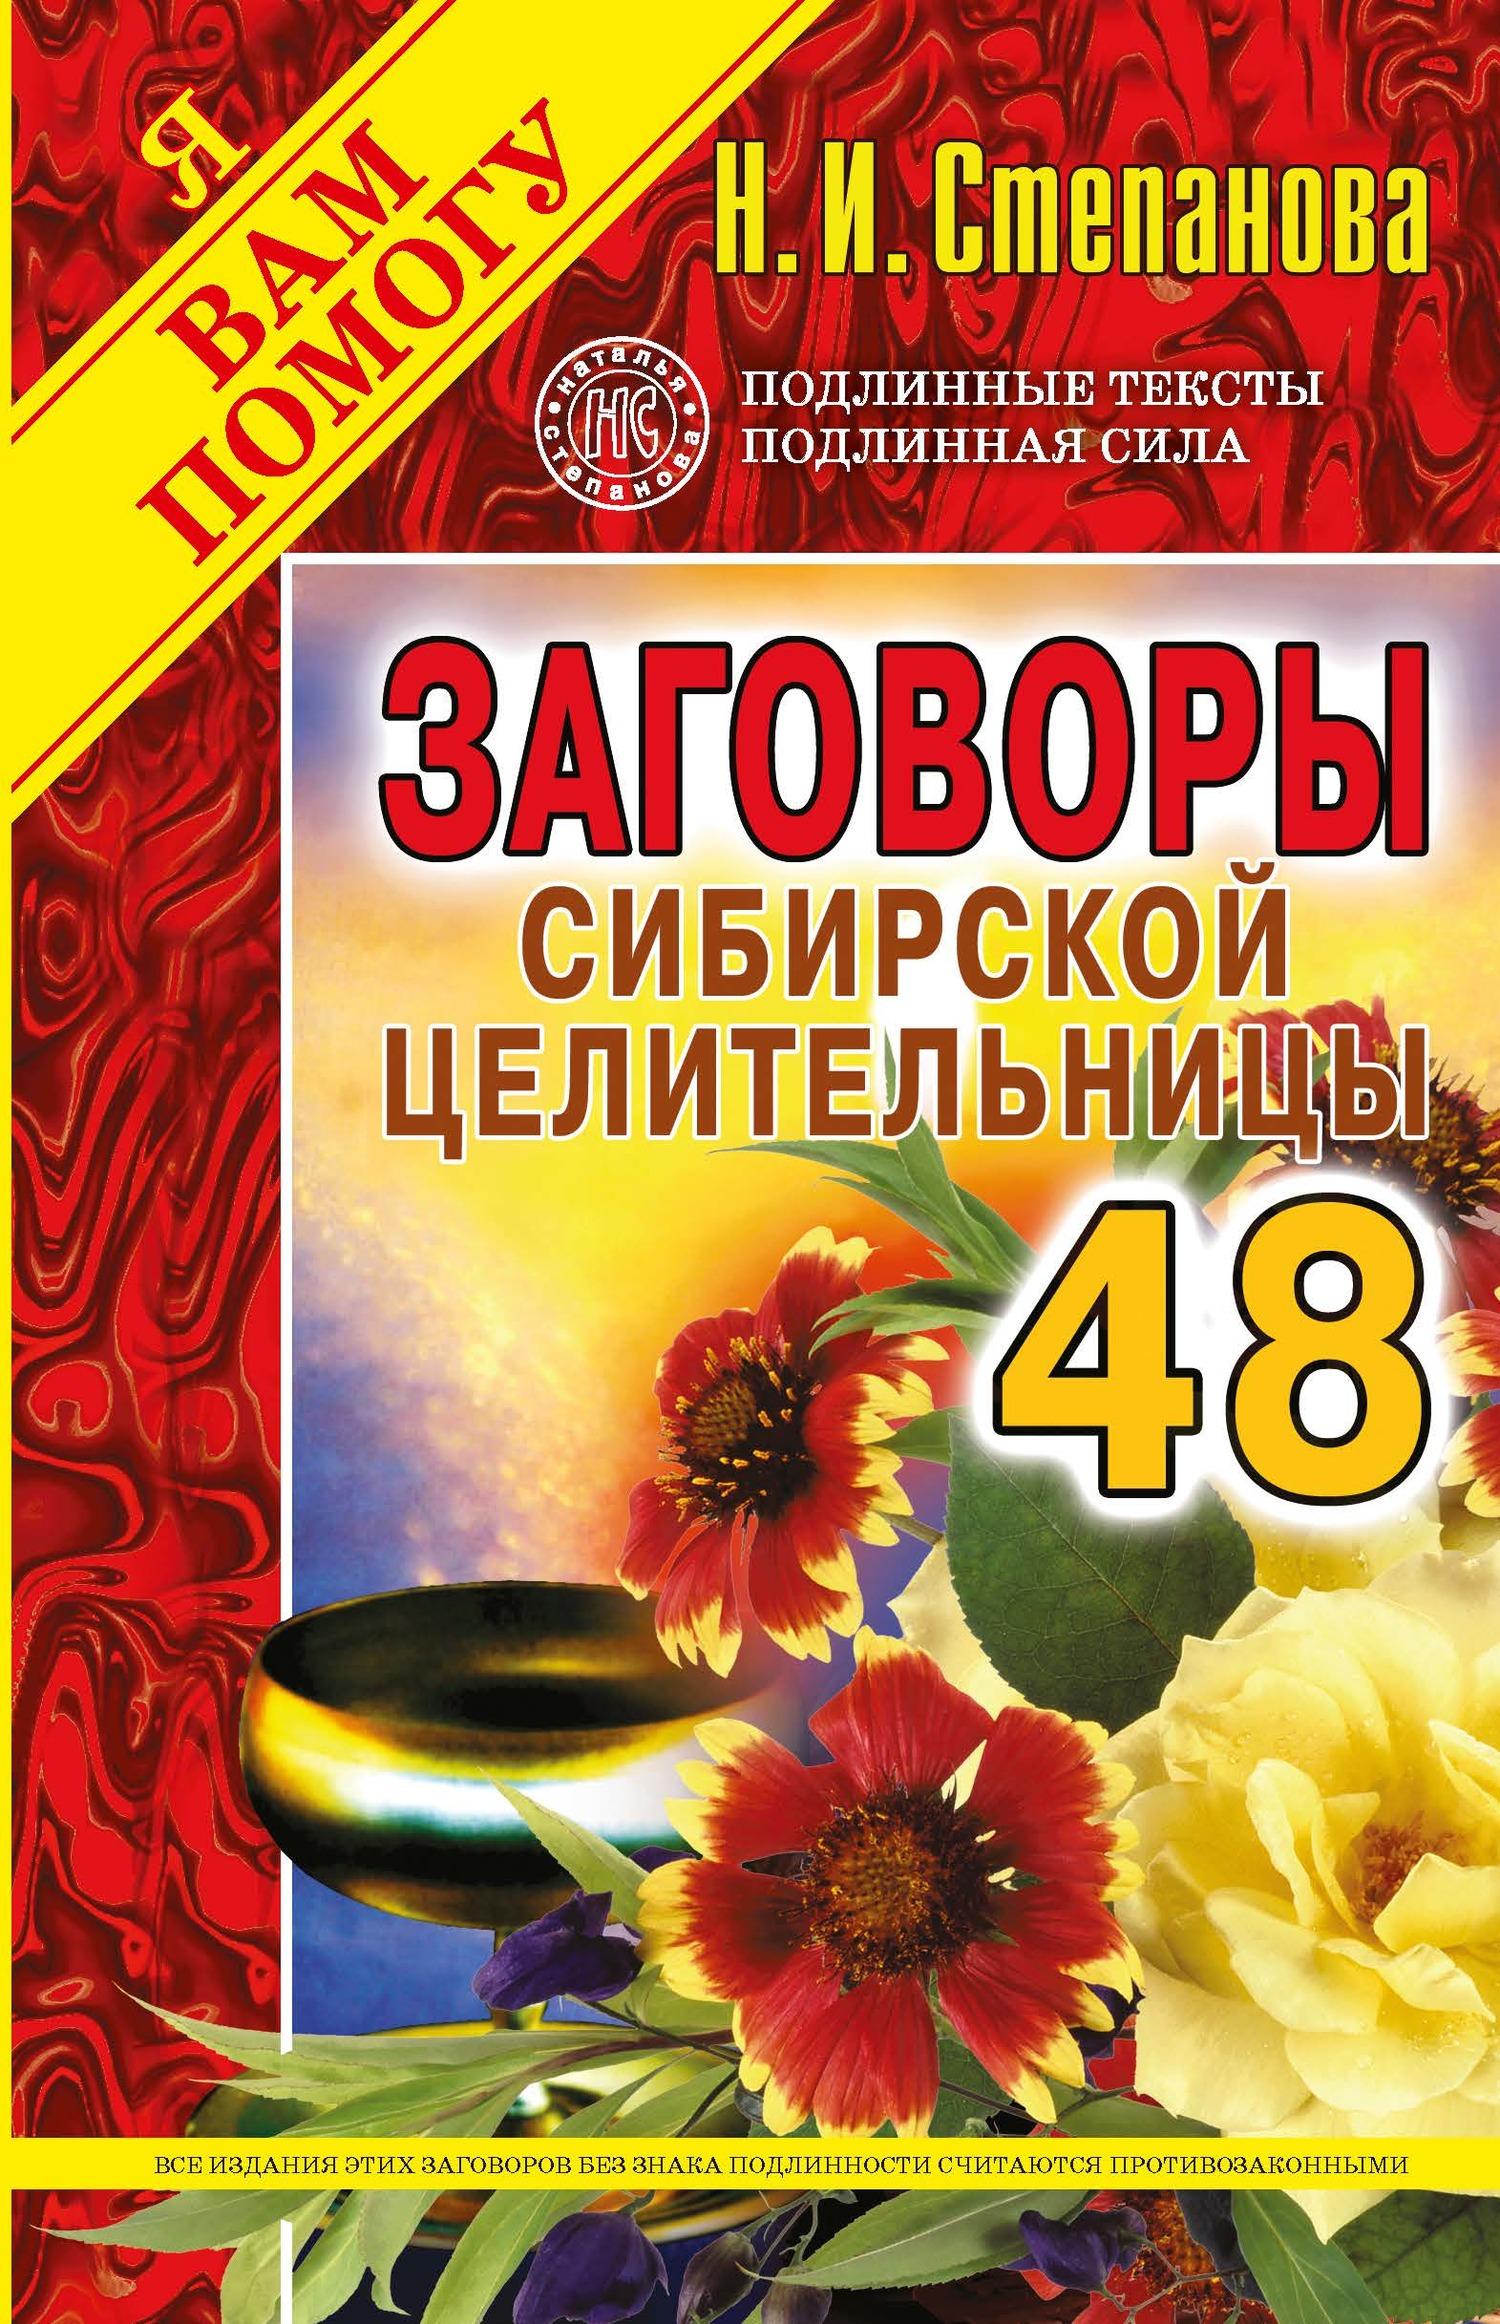 Читать книгу 9000 заговоров сибирской целительницы. самое полное собрание натальи степановой : онлайн чтение - страница 26